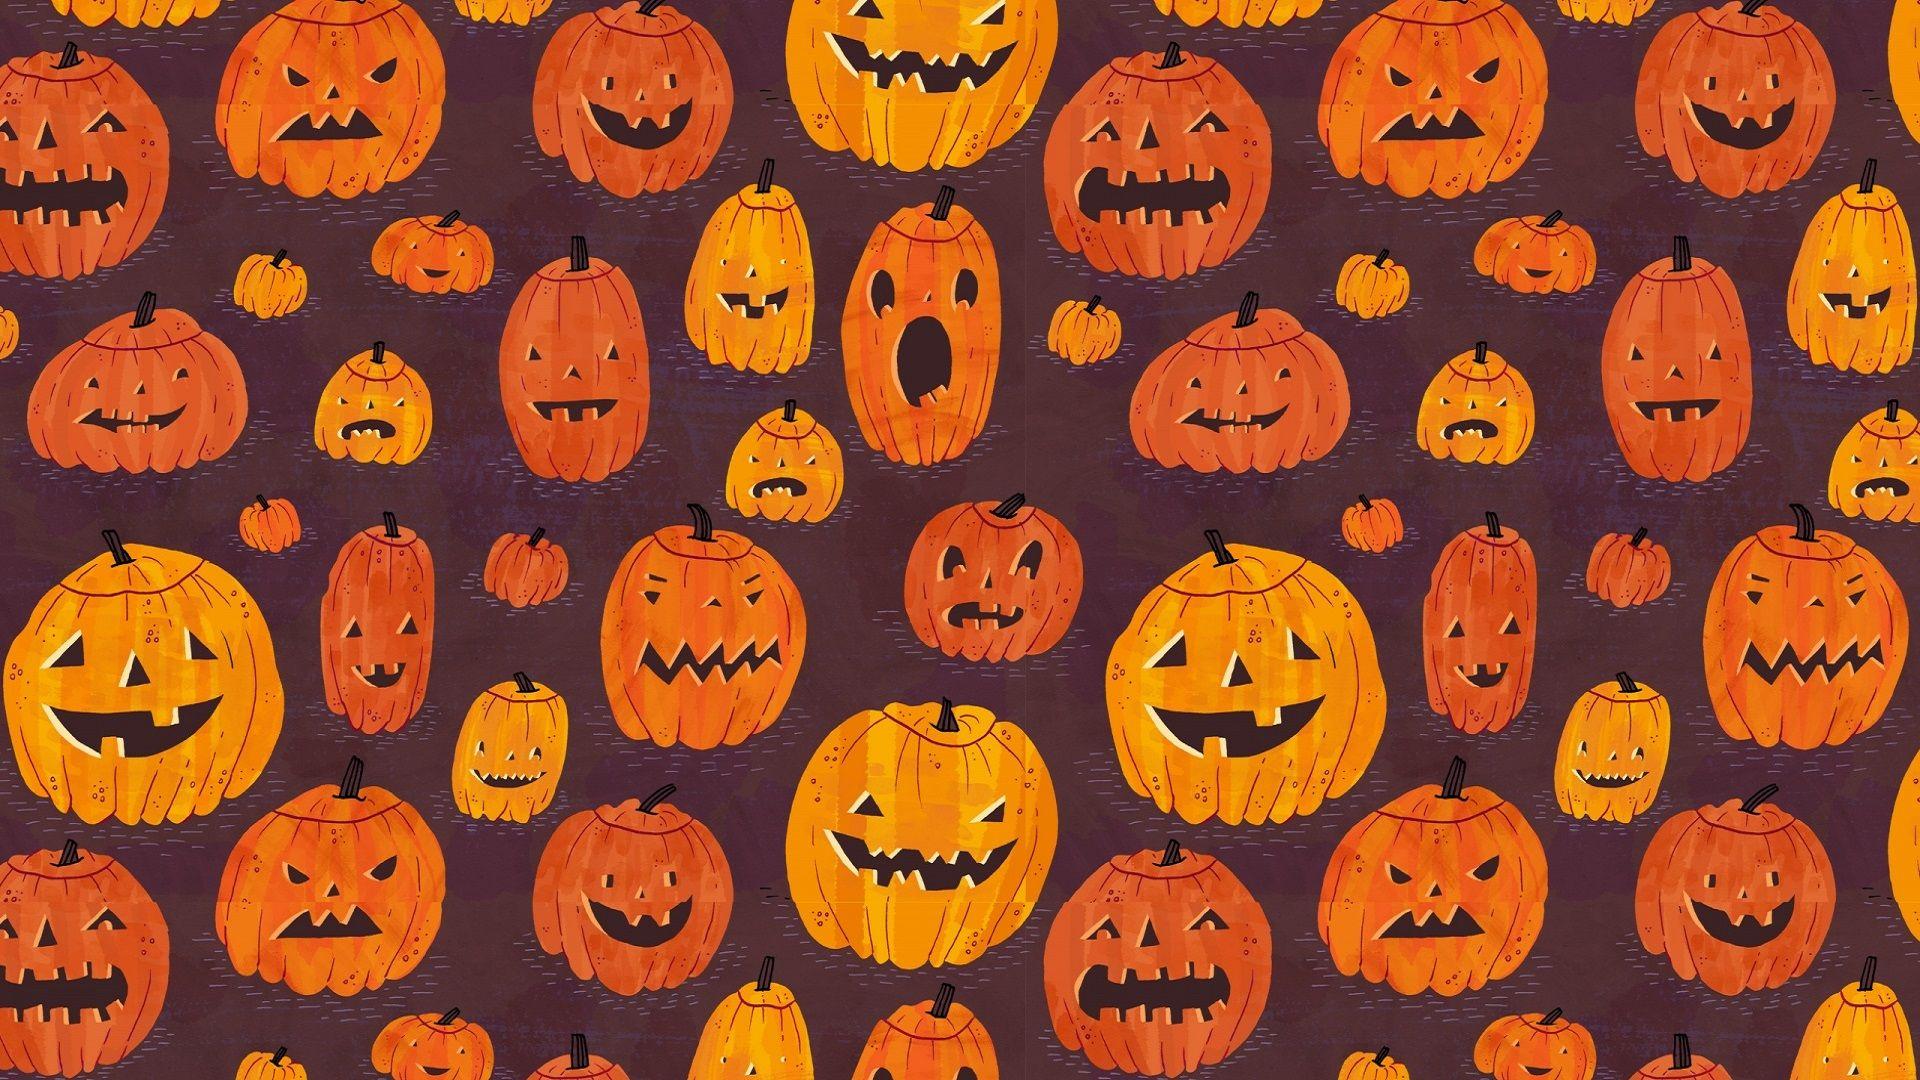 Happy Halloween Wallpaper Tumblr | 999+ Halloween Pictures ...